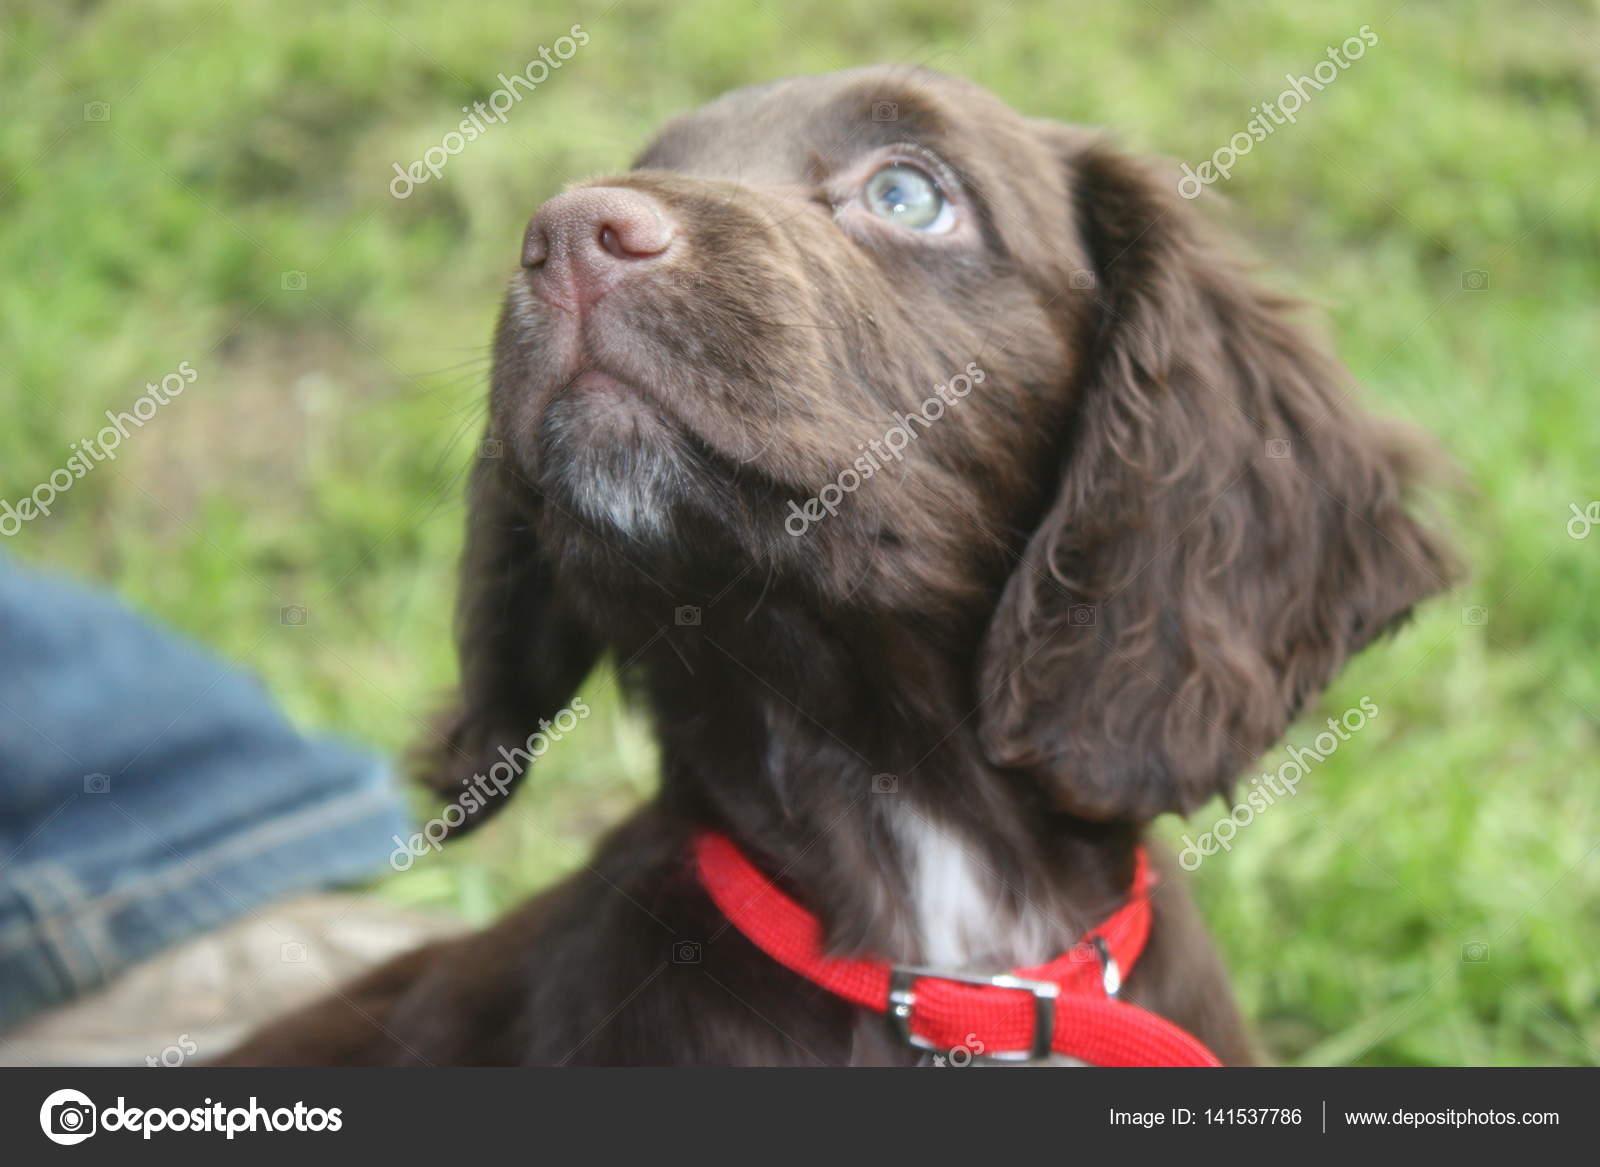 Very Cute Brown Working Type Cocker Spaniel Pet Gundog Puppy Stock Photo C Chrisga 141537786